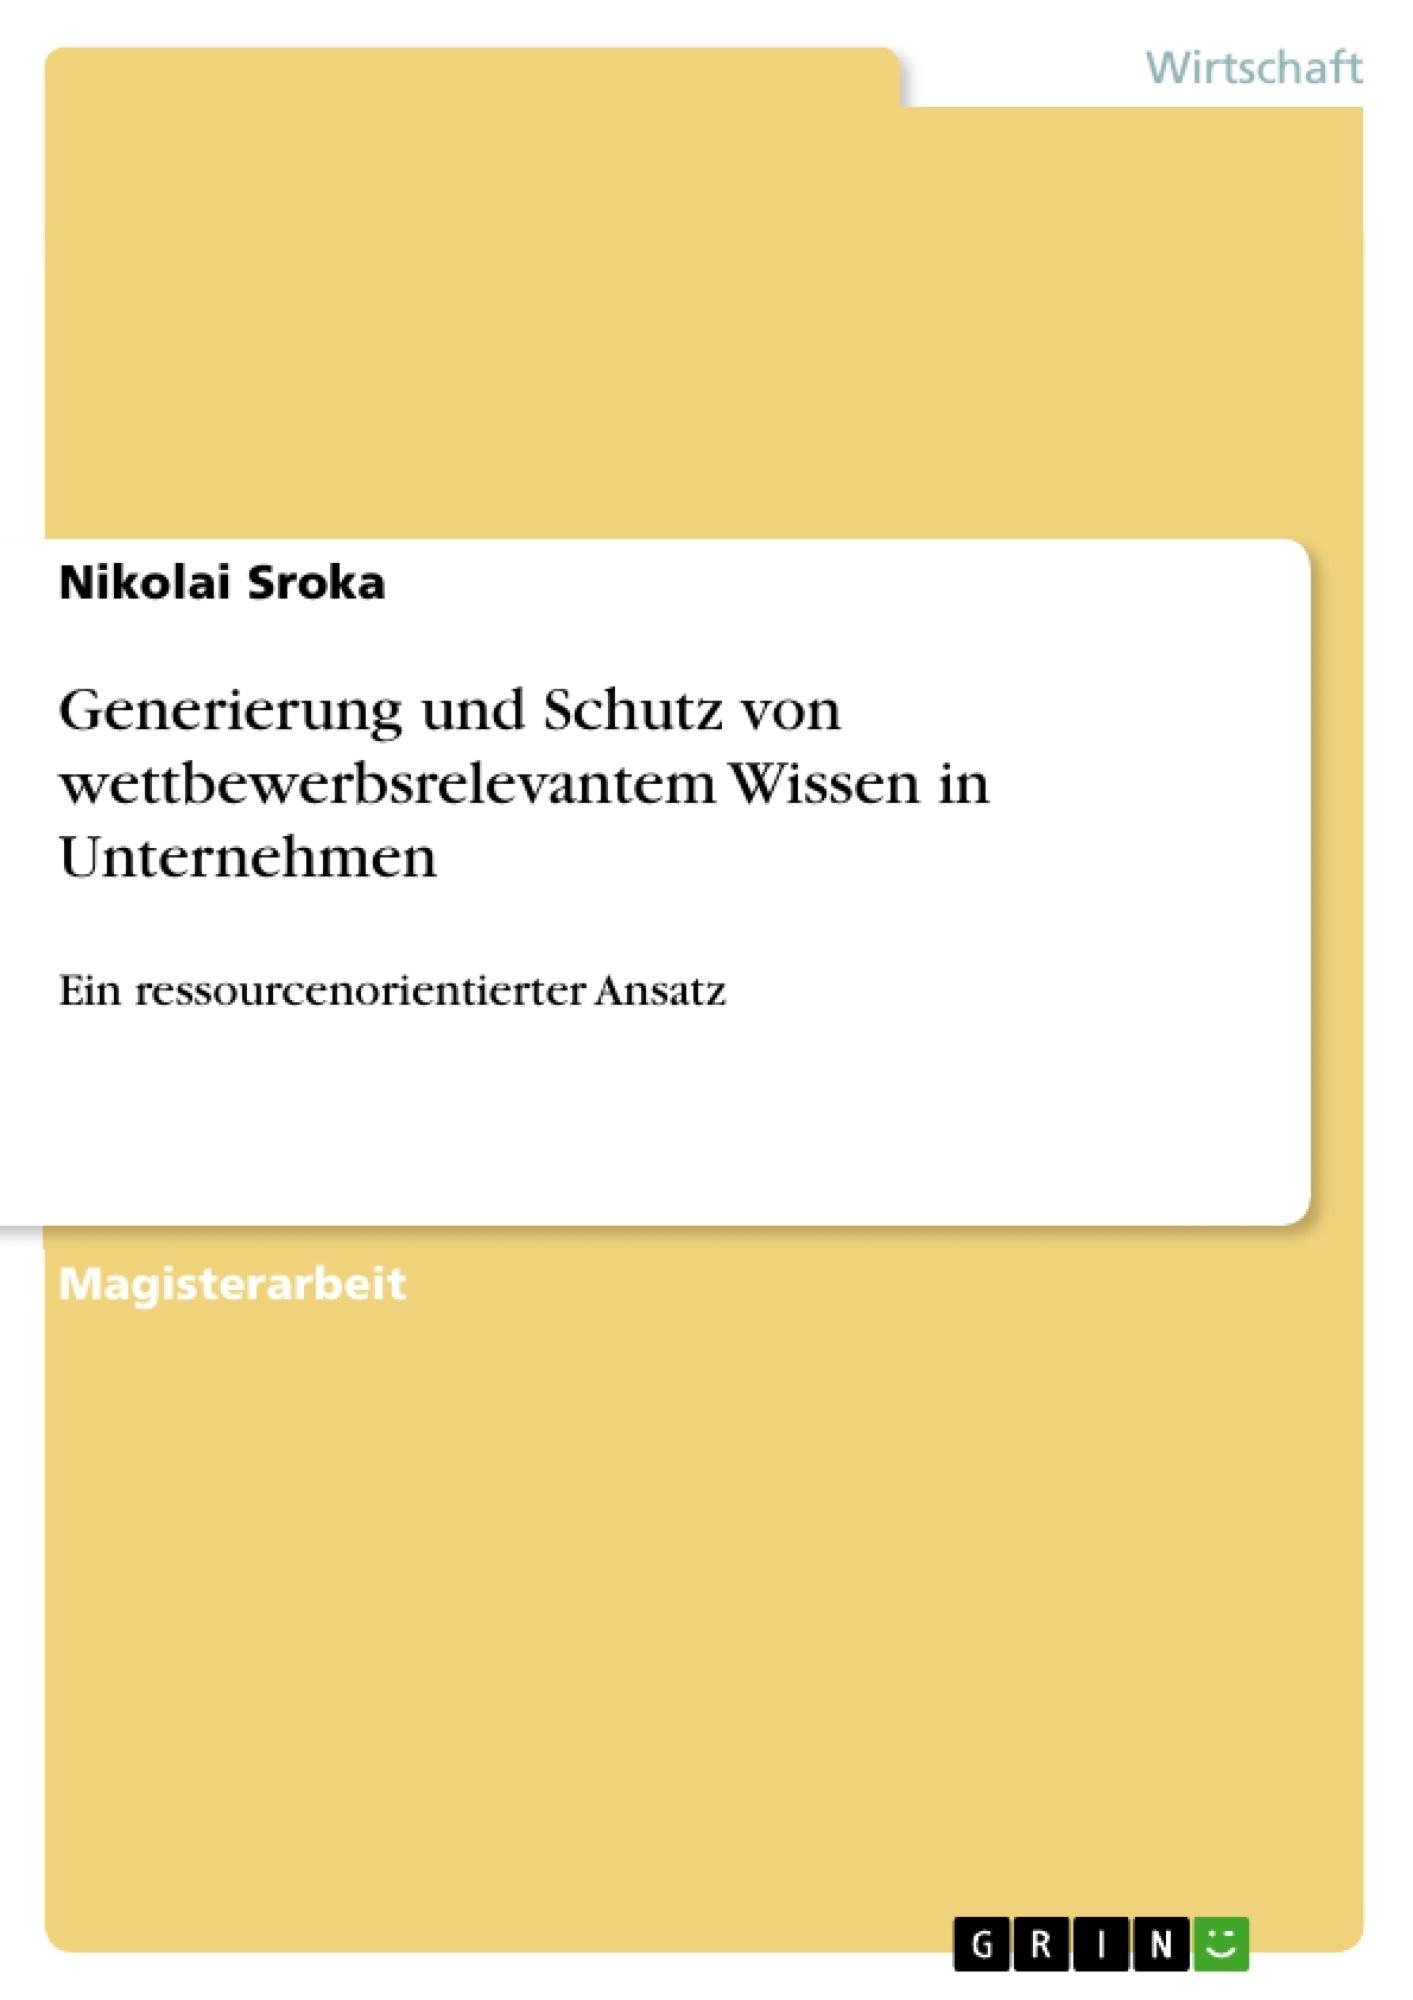 Titel: Generierung und Schutz von wettbewerbsrelevantem Wissen in Unternehmen